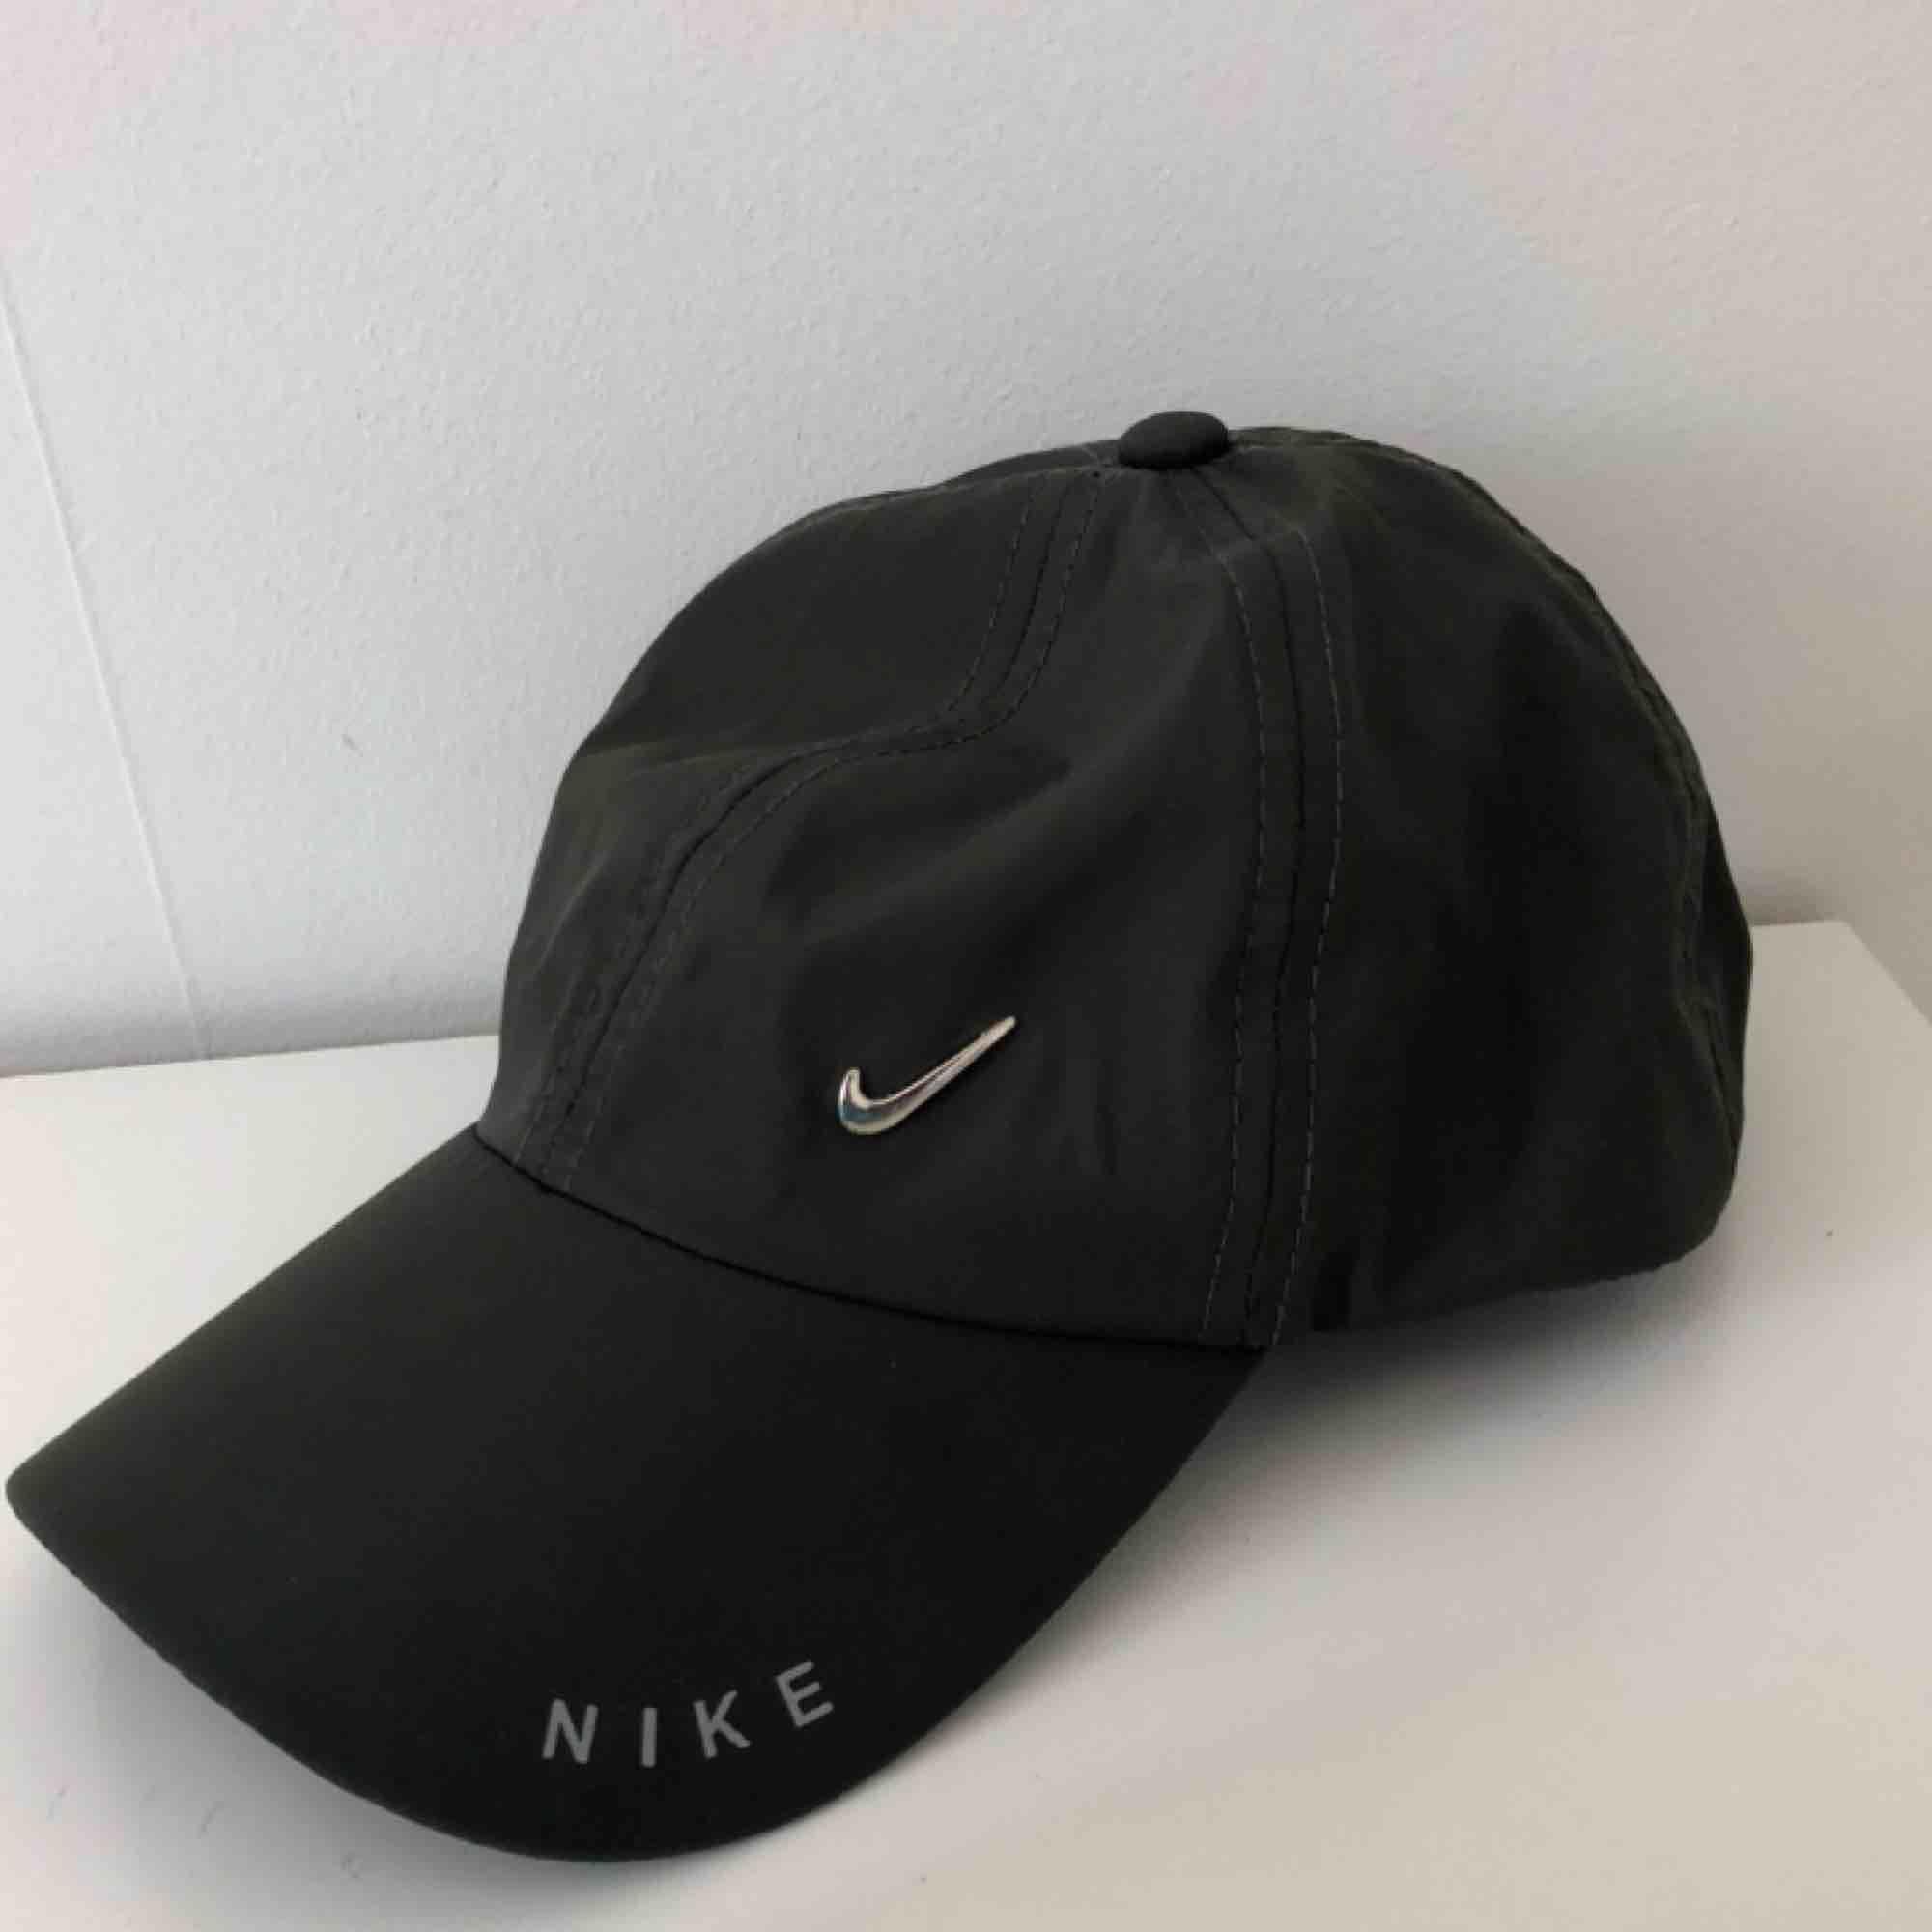 Snyggaste Nike kepsen i tunt material. Justerbar där bak med metall swoosh fram. 10/10 skick, säljer då jag är för dålig på att använda keps men den är för snygg för att bara ligga och damma✨ FRAKT INKLUDERAD. Accessoarer.